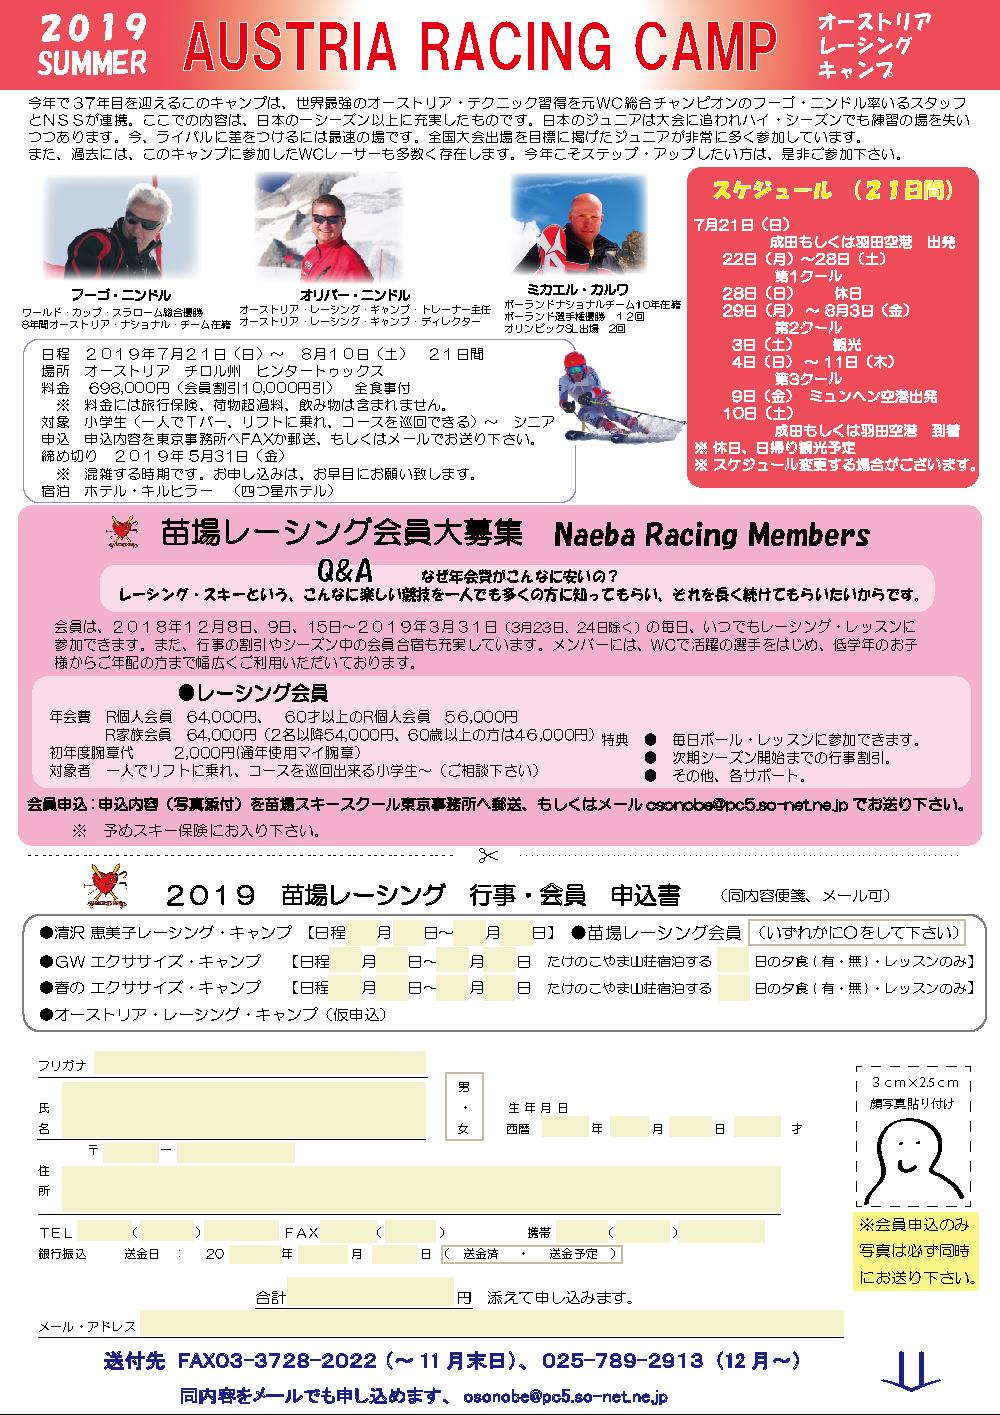 2018苗場スキースクール・レーシング・プログラム4ページ